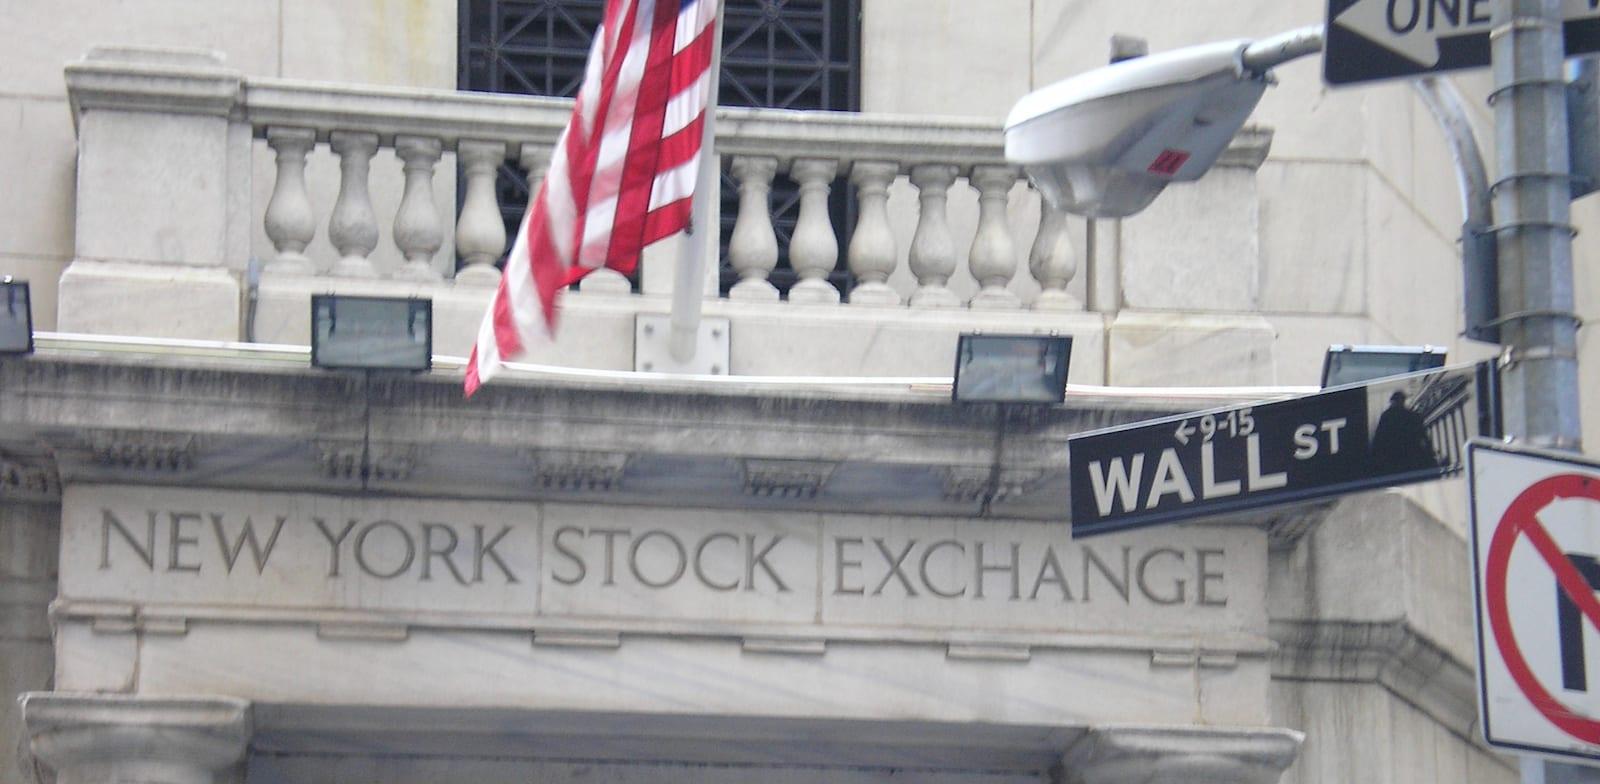 שלט רחוב וול סטריט, והכניסה לבורסת NYSE בניו יורק / צילום: עוזי בלומר